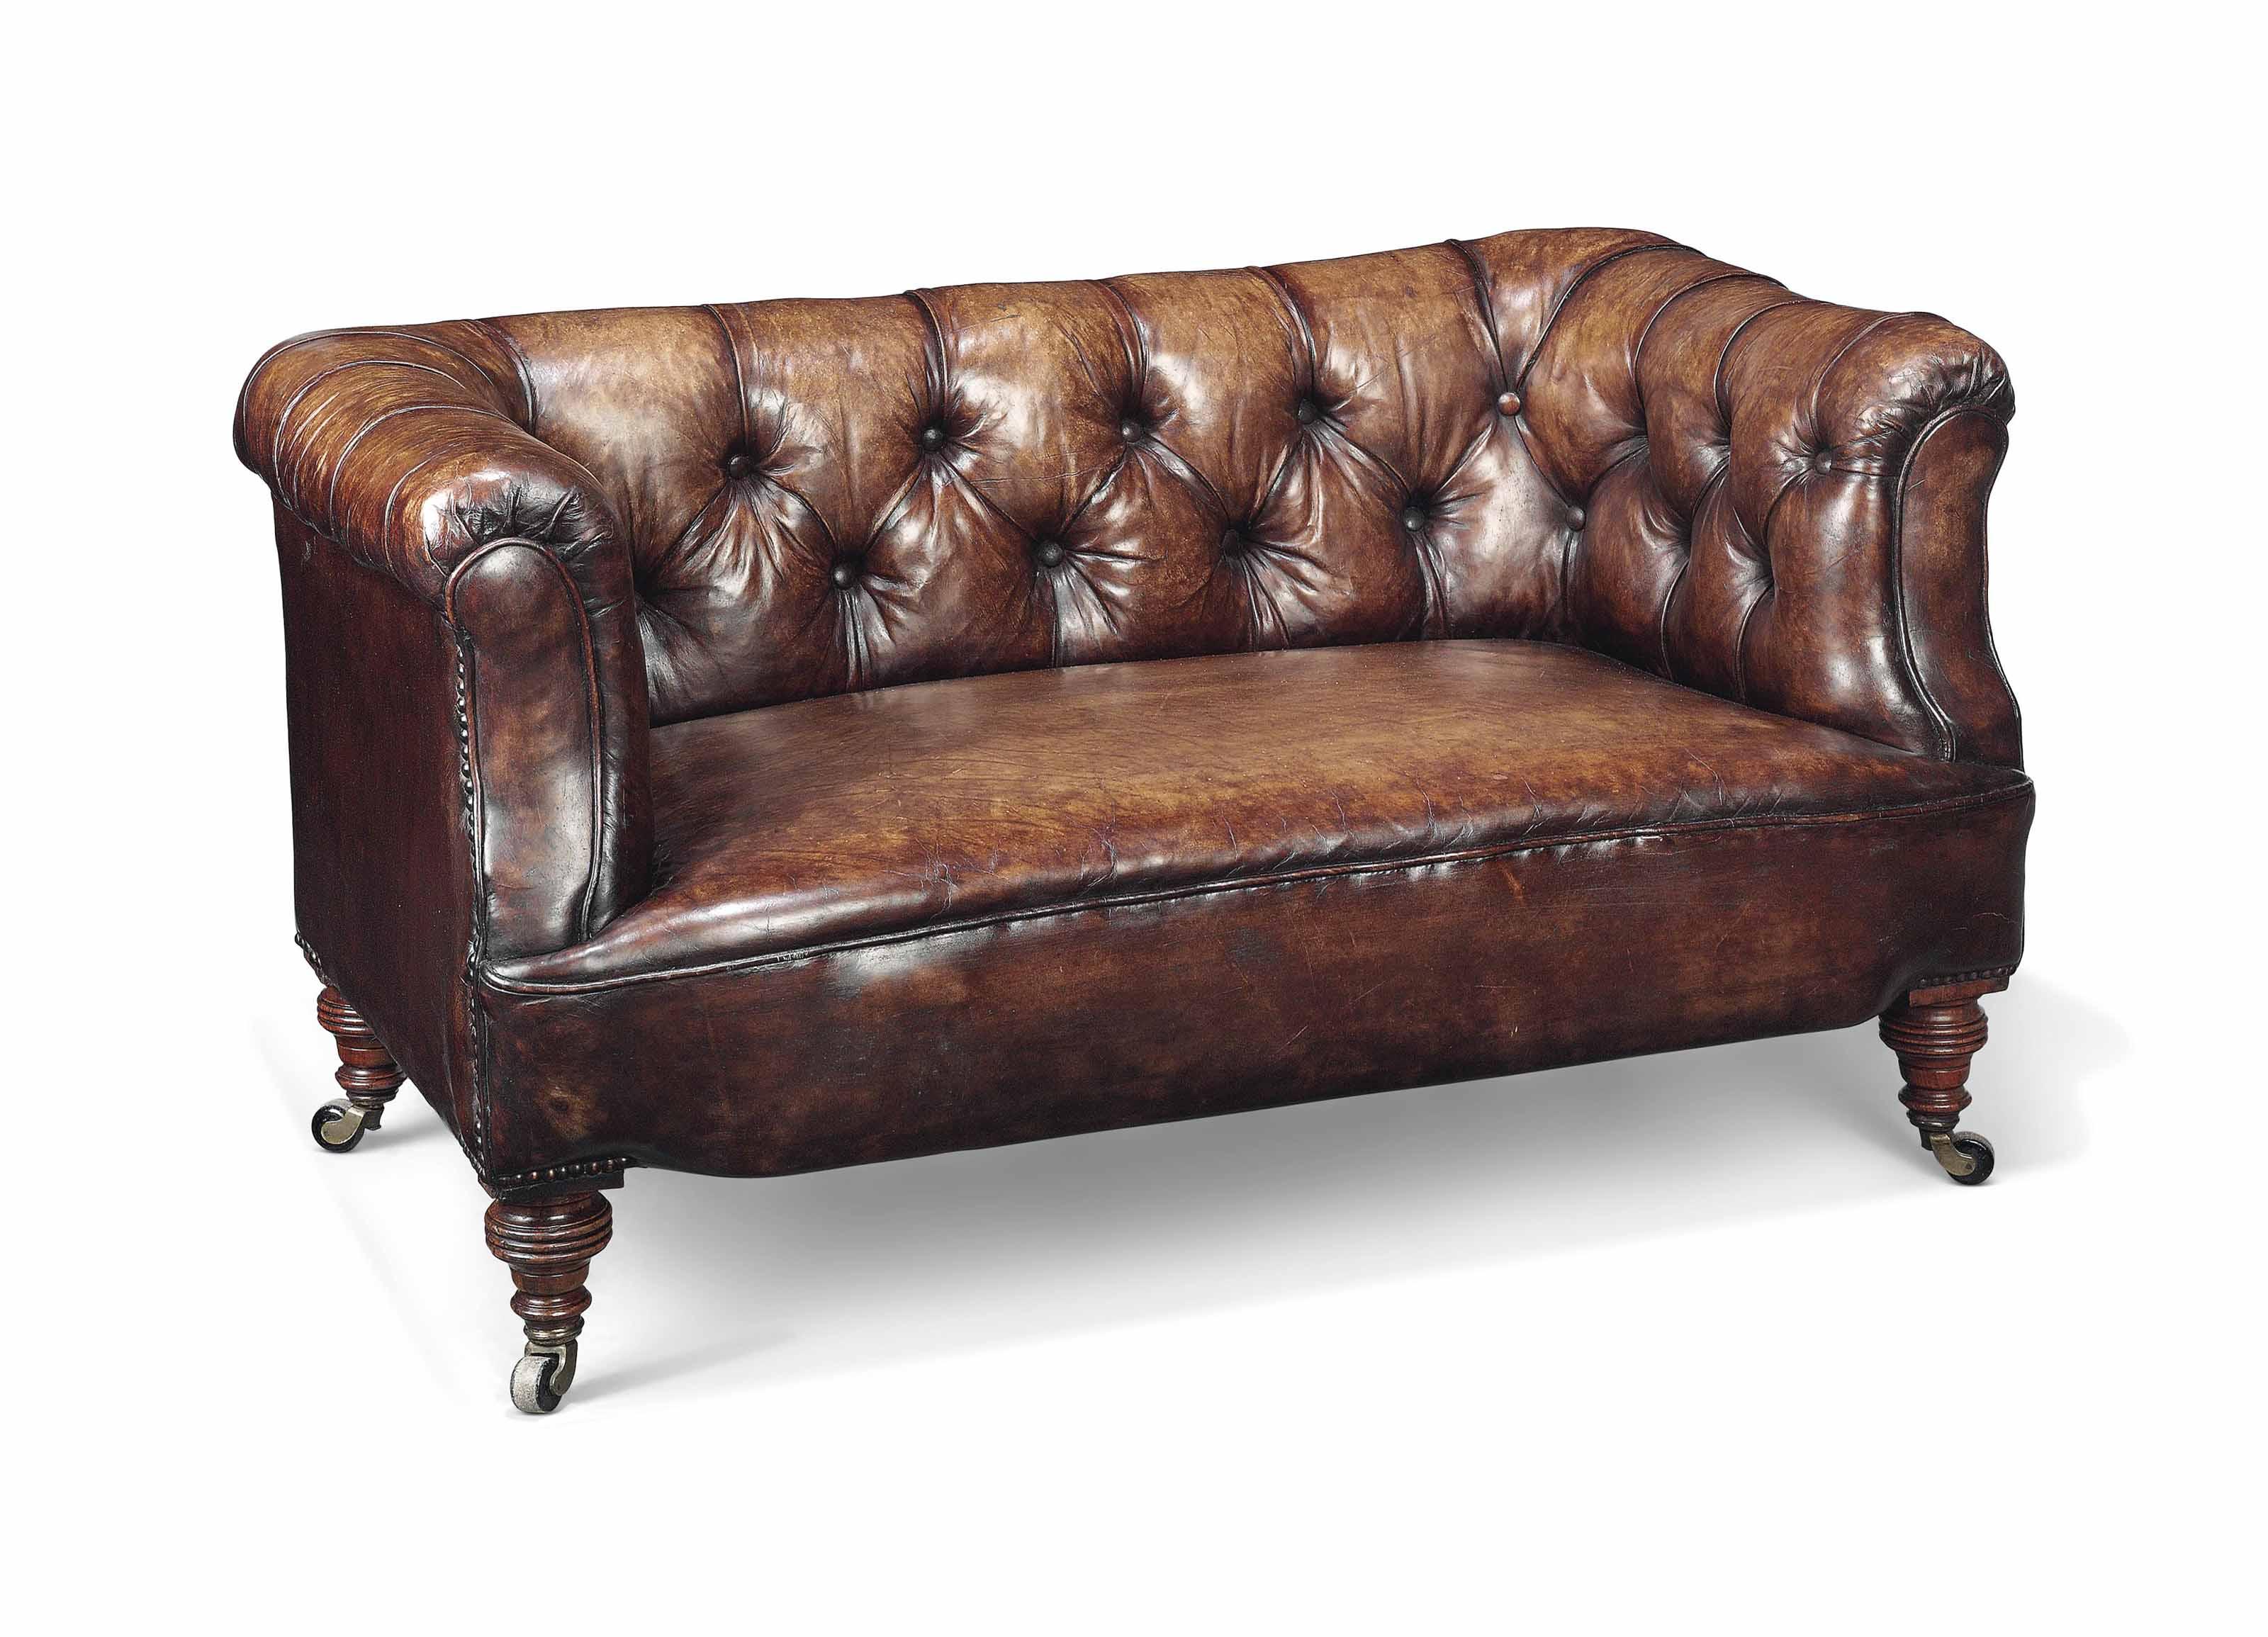 A Small Victorian Children S Chesterfield Sofa